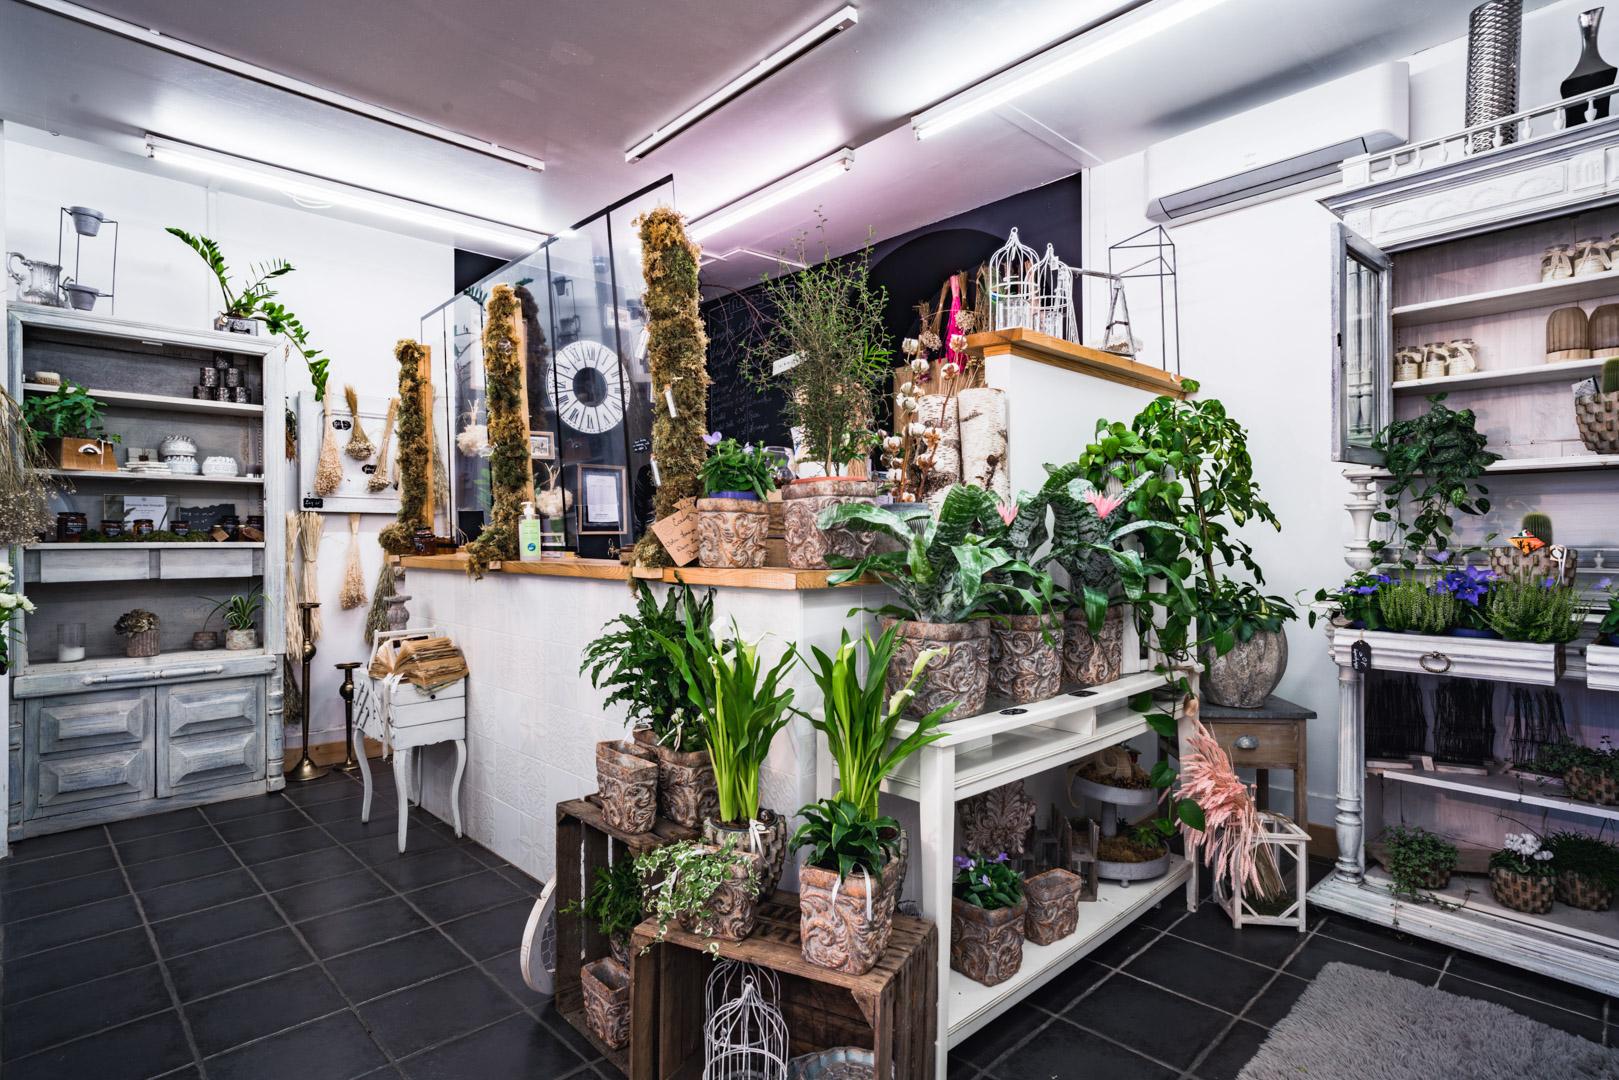 photographie-d-interieur-commerce-artisan-fleuriste-Lourdes-décoration